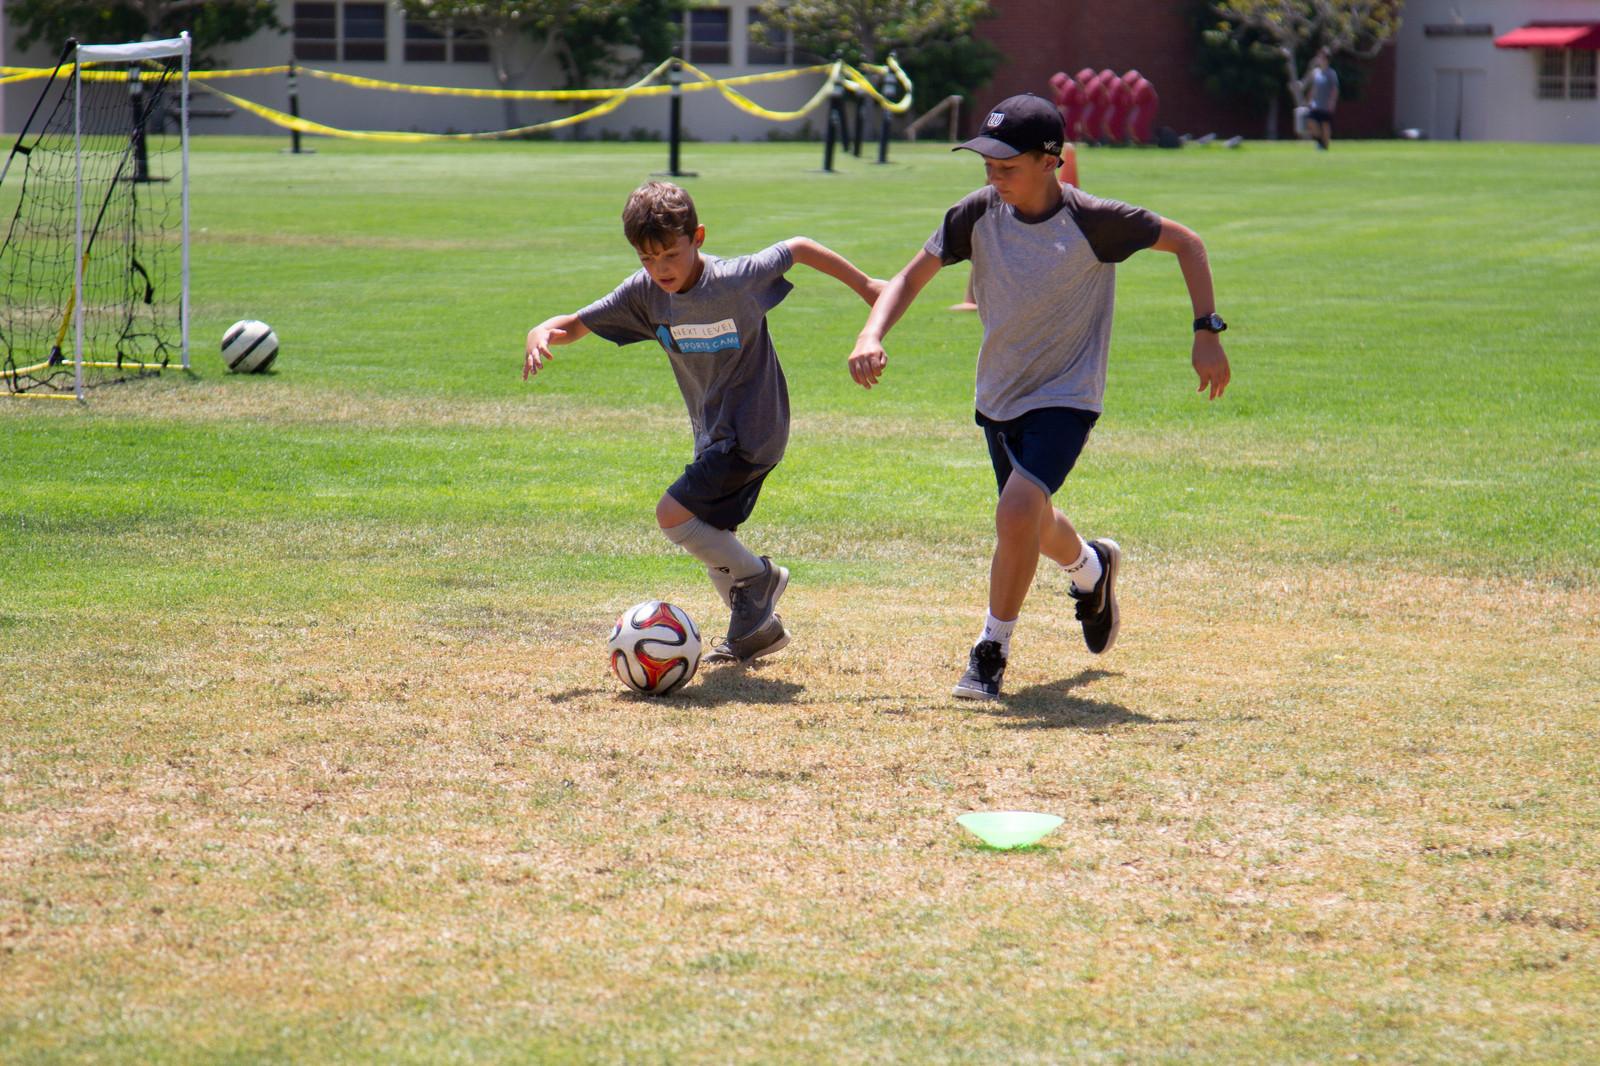 Santa Barbara Youth Summer Sports Camp - Next Level